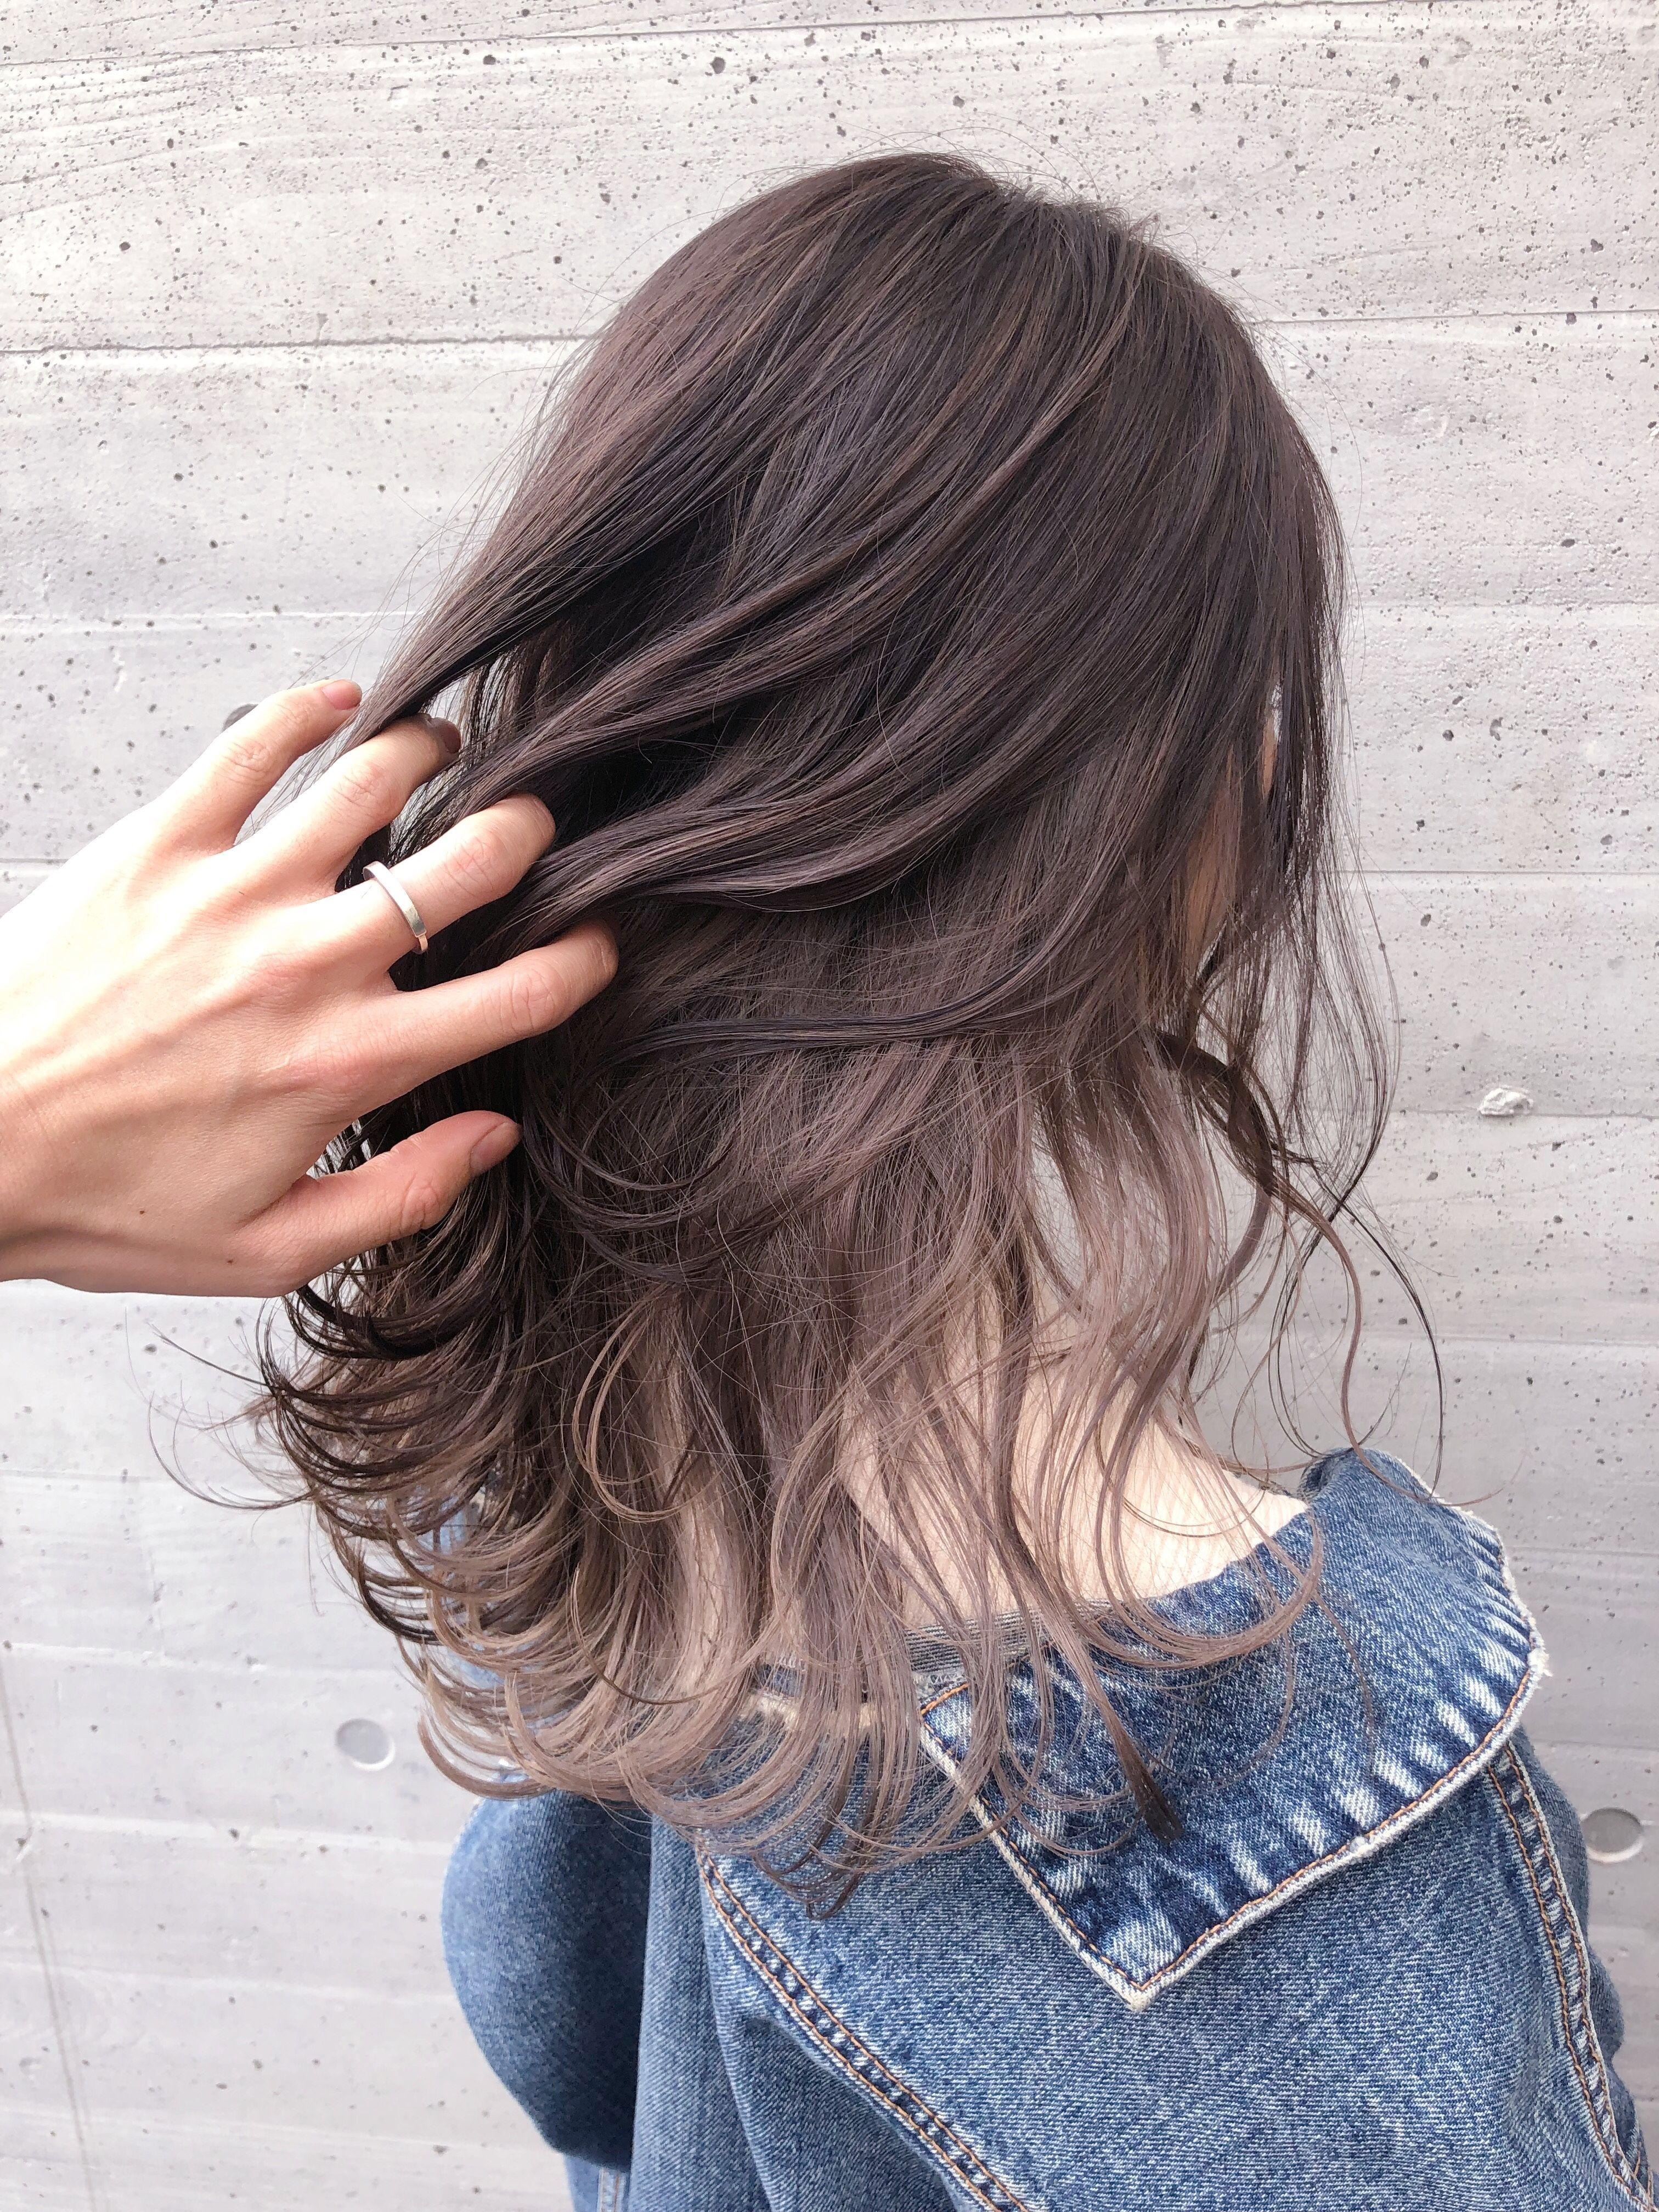 ハイライト インナーカラー 髪の毛カラー ヘアスタイリング 黒髪